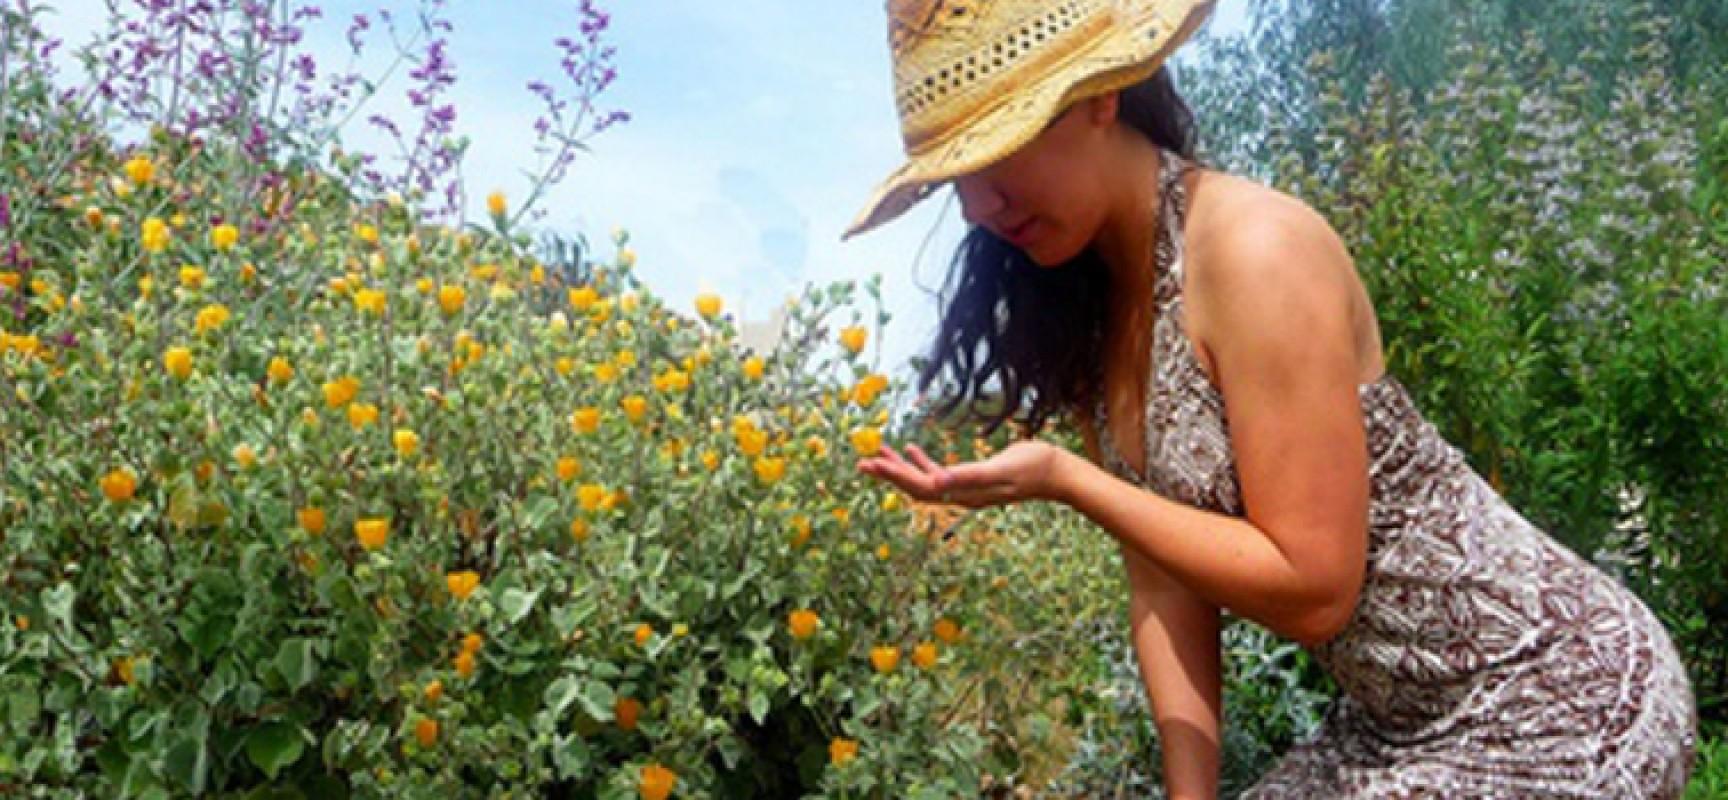 Ortoterapia: curare le piante è come curare sé stessi / a cura della dott.ssa Renata Rana